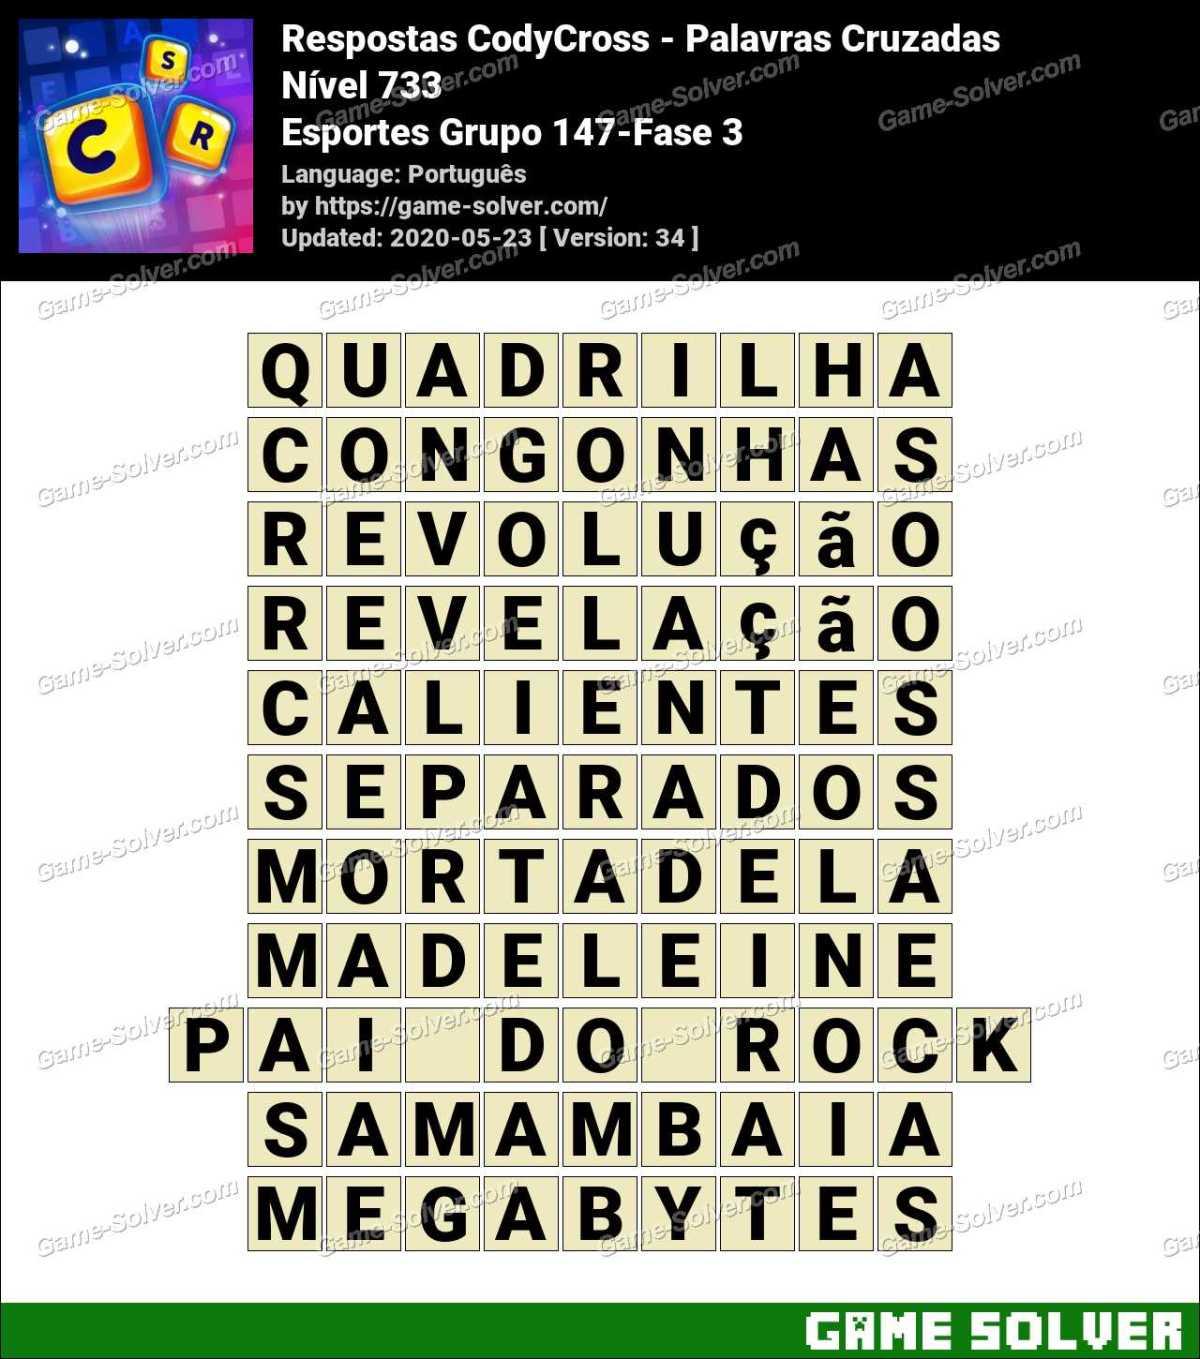 Respostas CodyCross Esportes Grupo 147-Fase 3